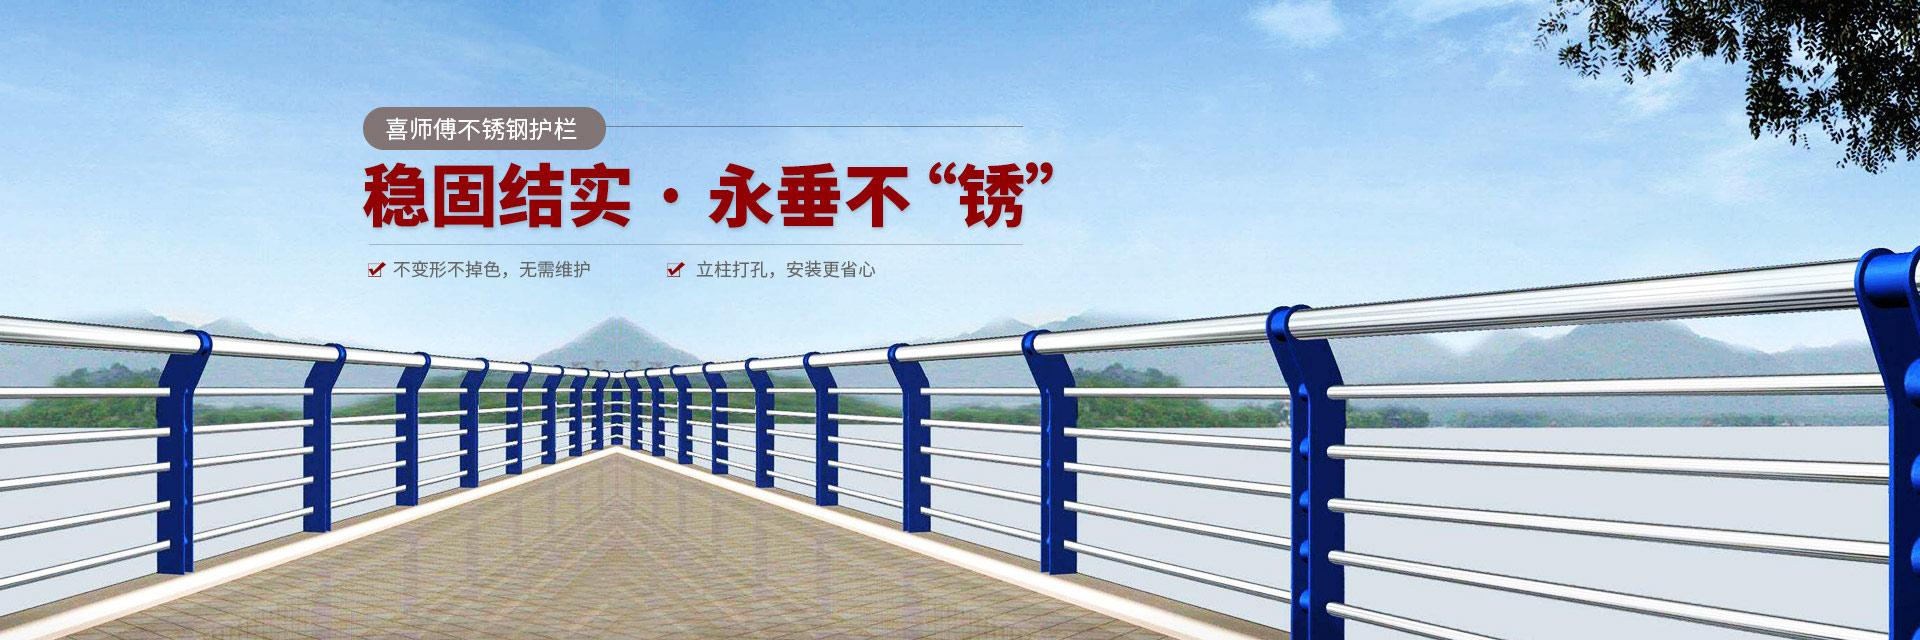 桥梁不锈钢防撞护栏